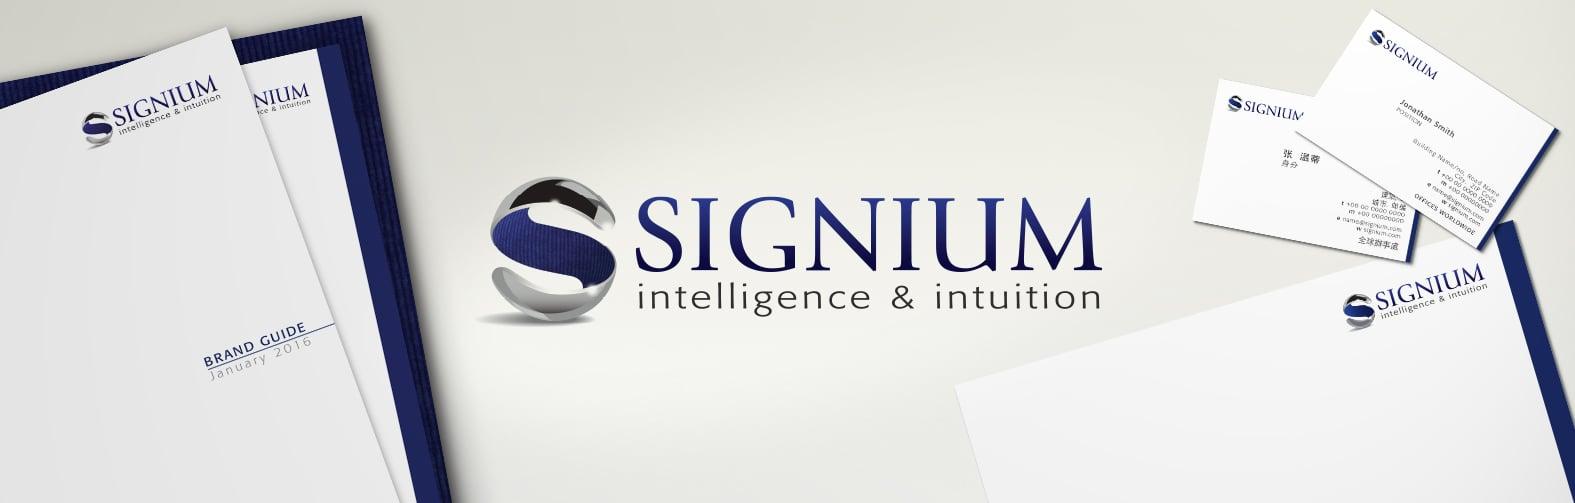 Signium comp w2.jpg